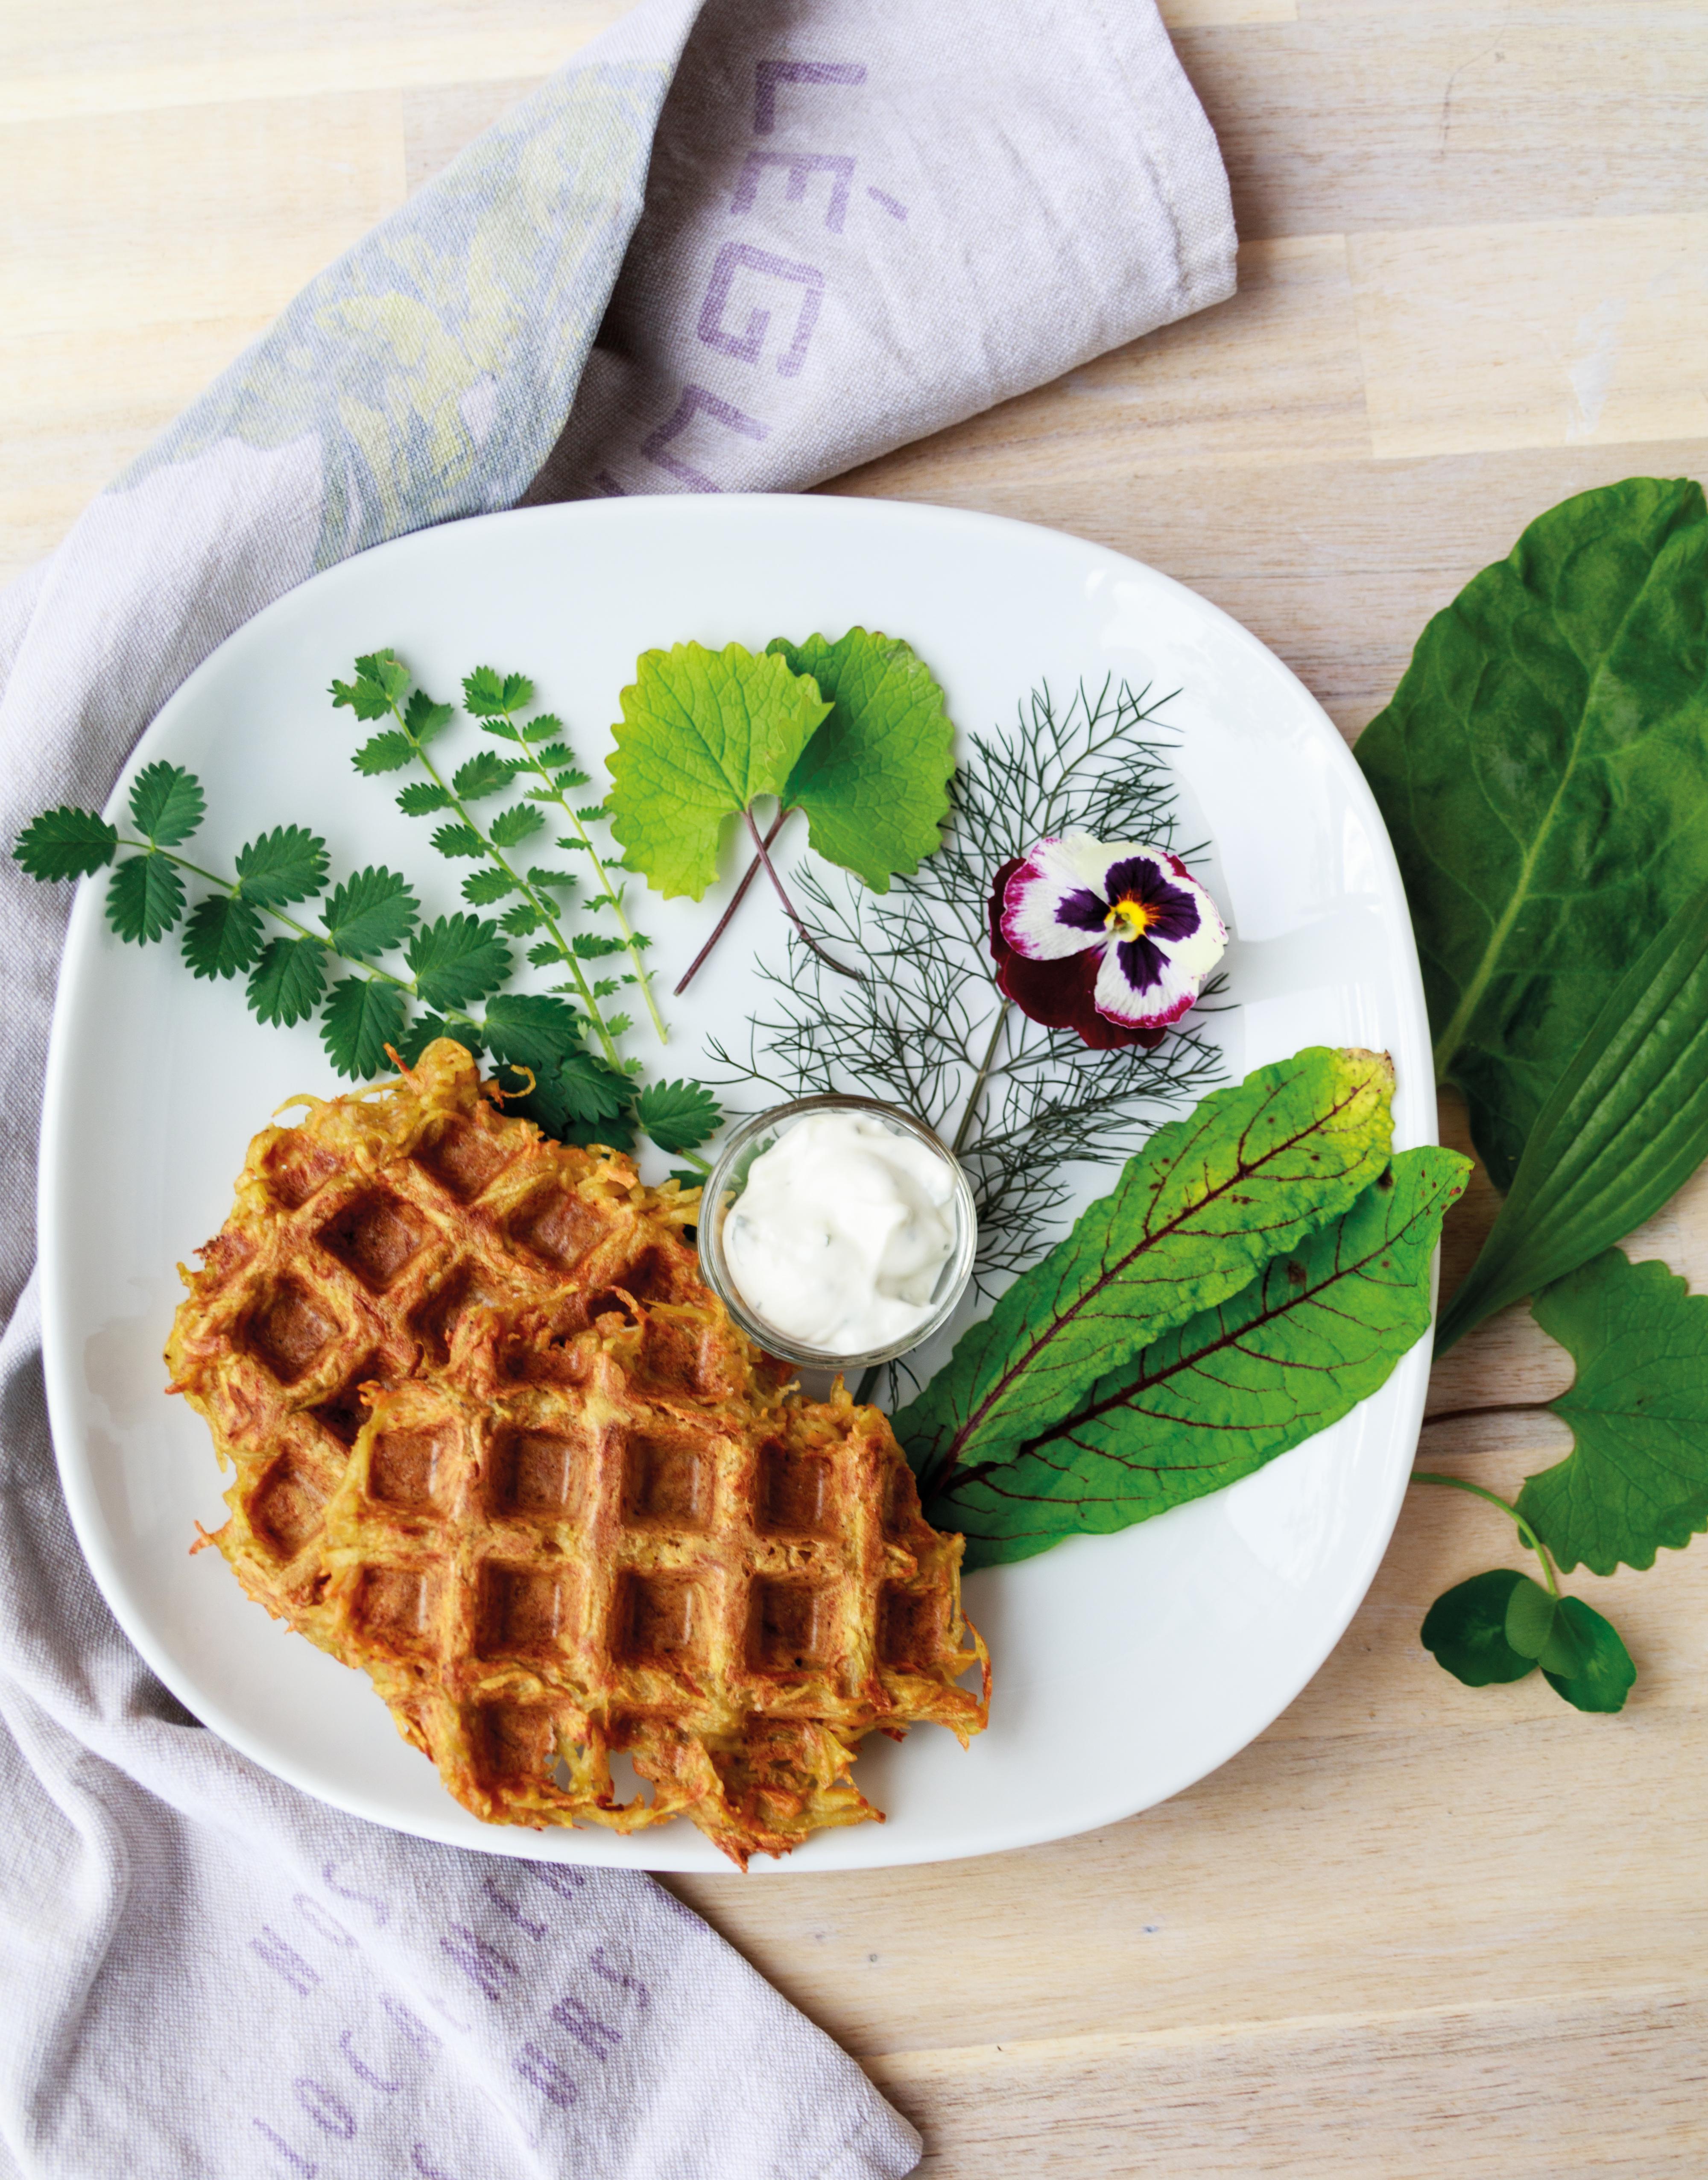 Gemüsewaffeln mit Wildsalat // Veggie Waffles with wild salad by http:// babyrockmyday.com/gemuesewaffeln-mit-wildsalat/